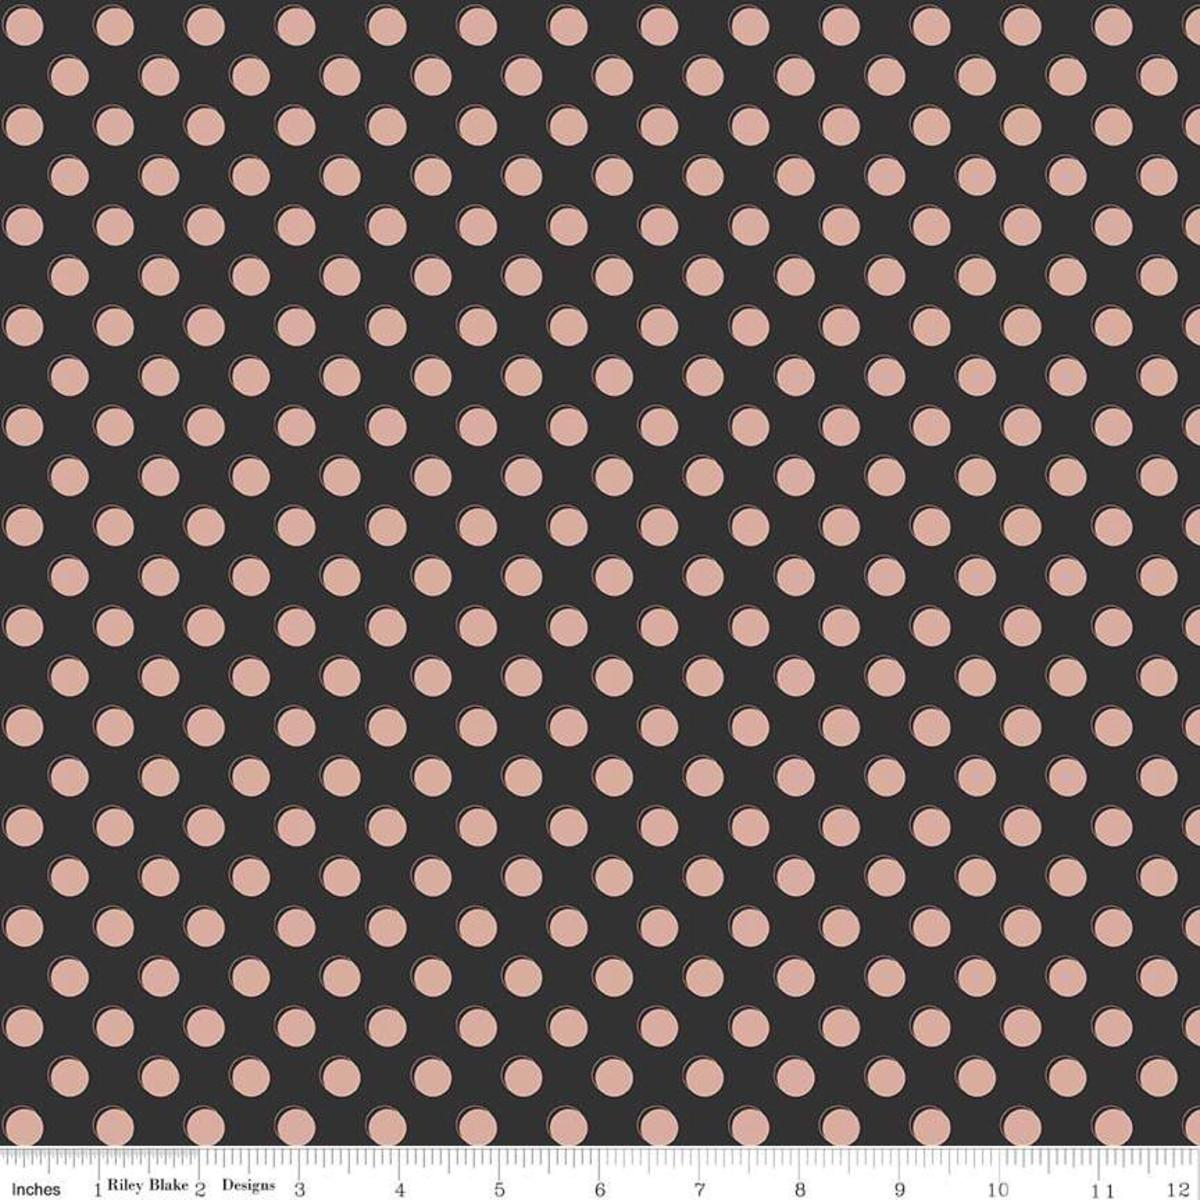 Bliss - Dots Black Sparkle